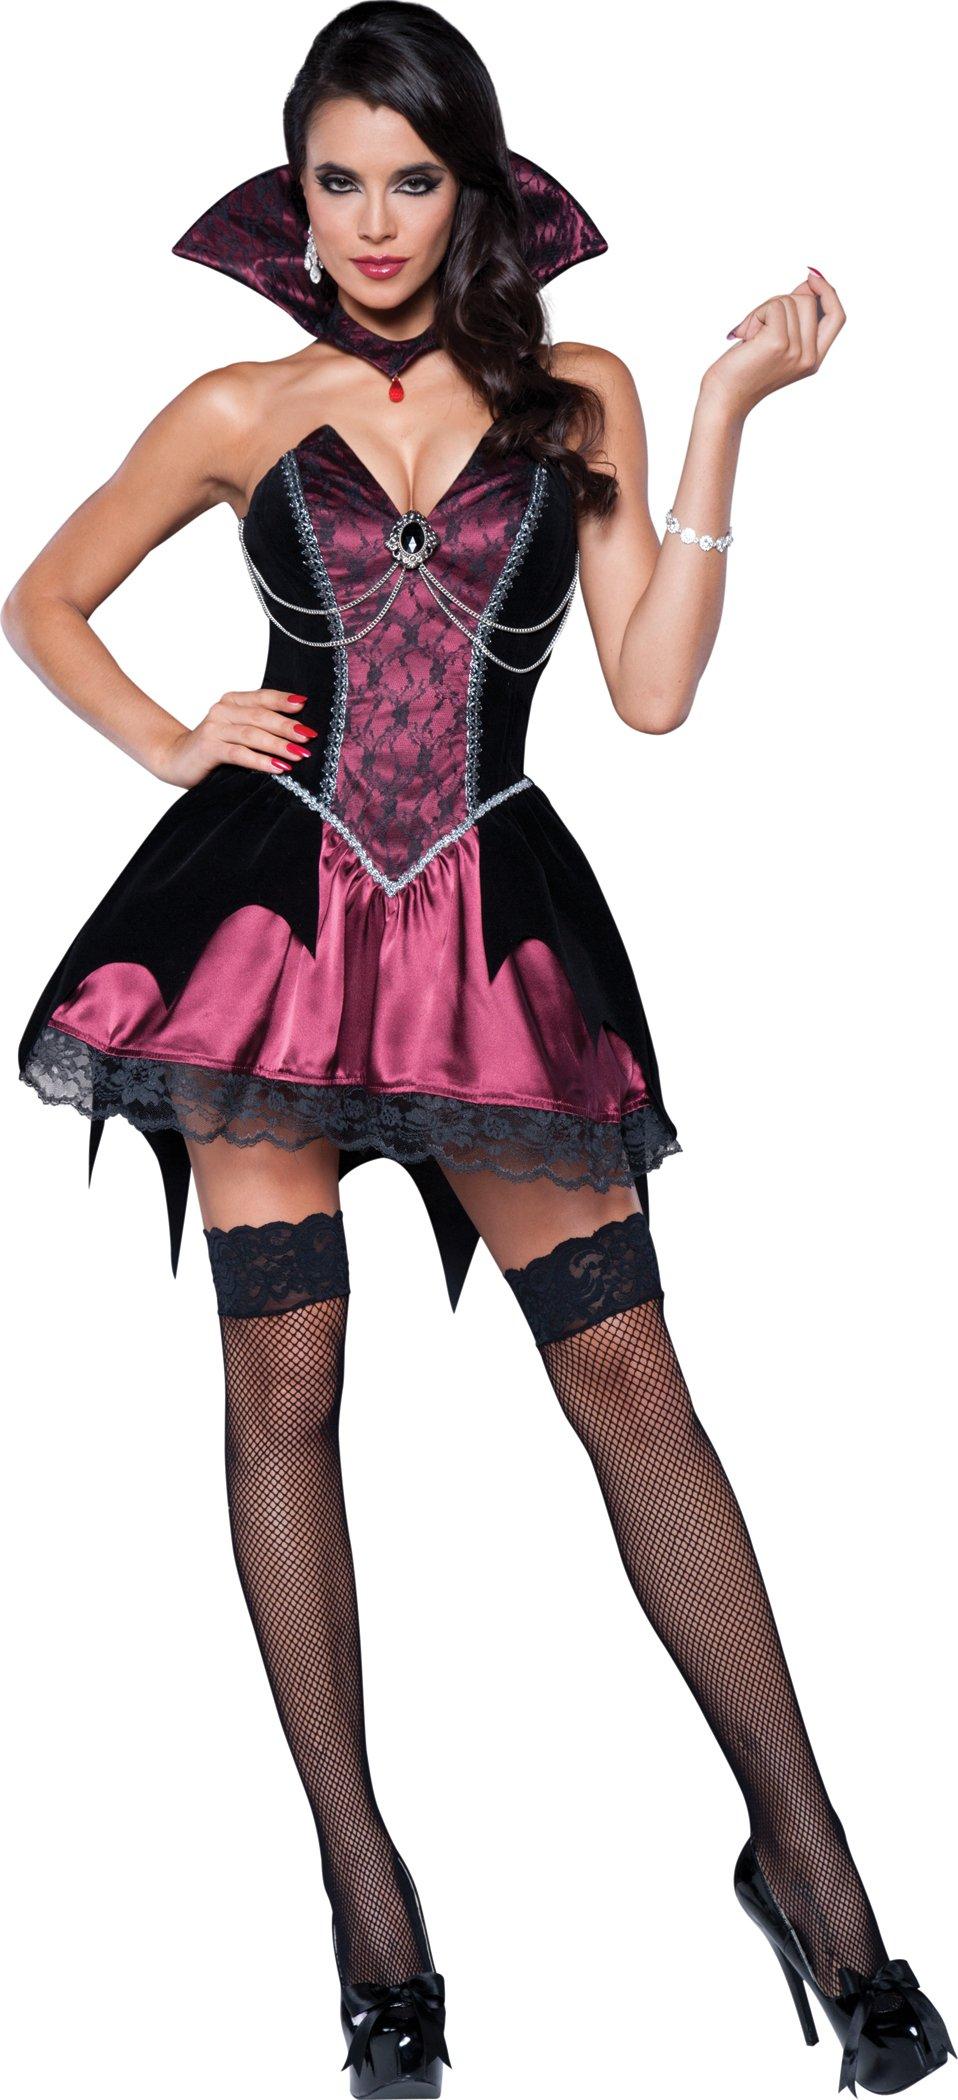 InCharacter Costumes Women's Vamp Vampiress Costume, Black/Fuchsia, Medium